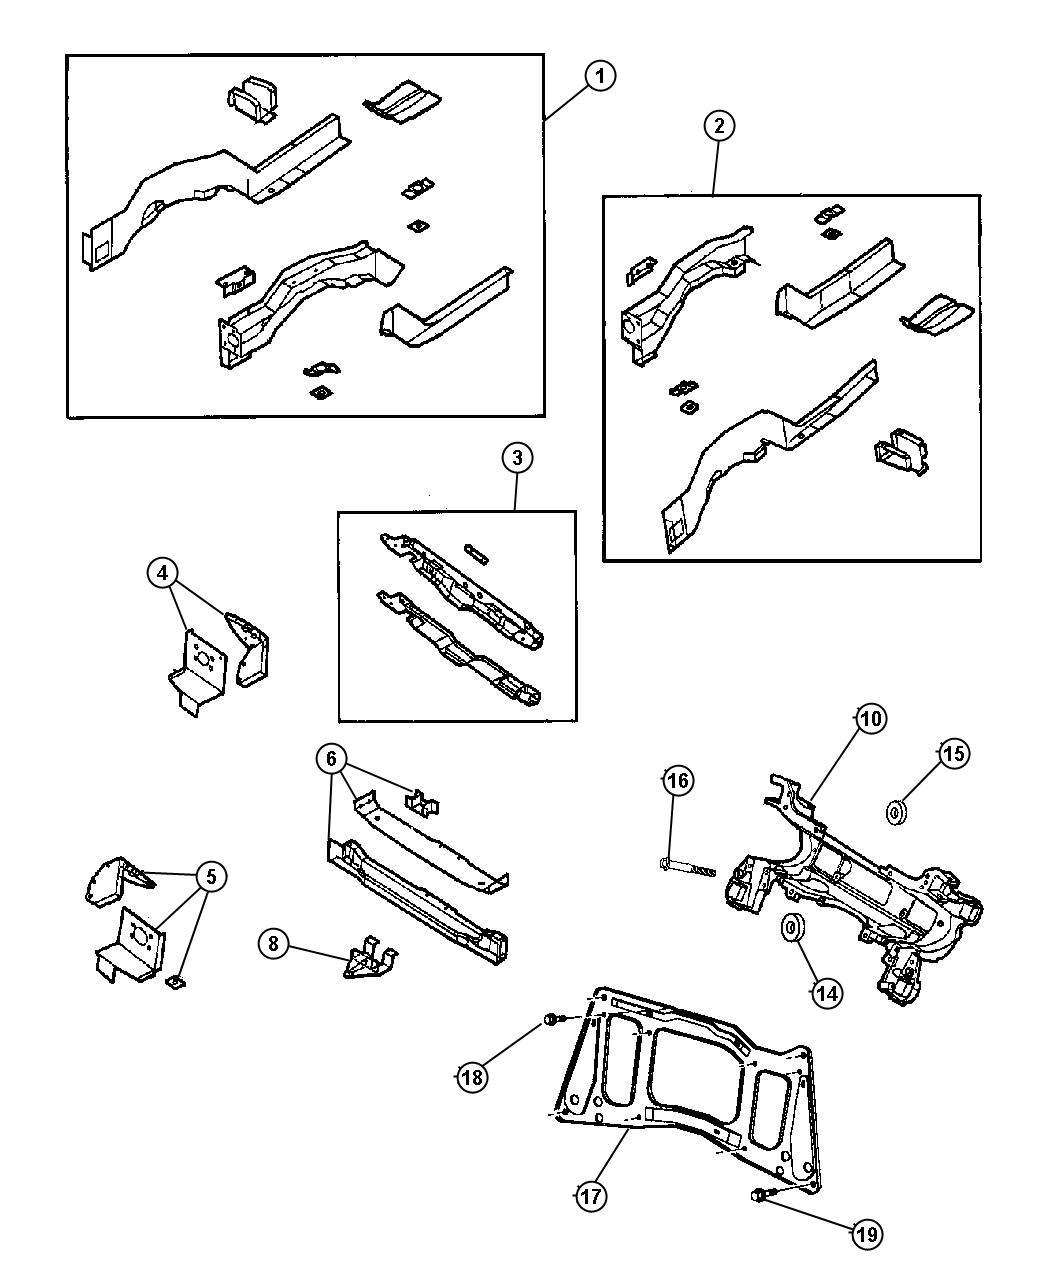 Chrysler Grand Voyager Isolator  Cradle  Lower  Lower Rear  Body  Front  Frame